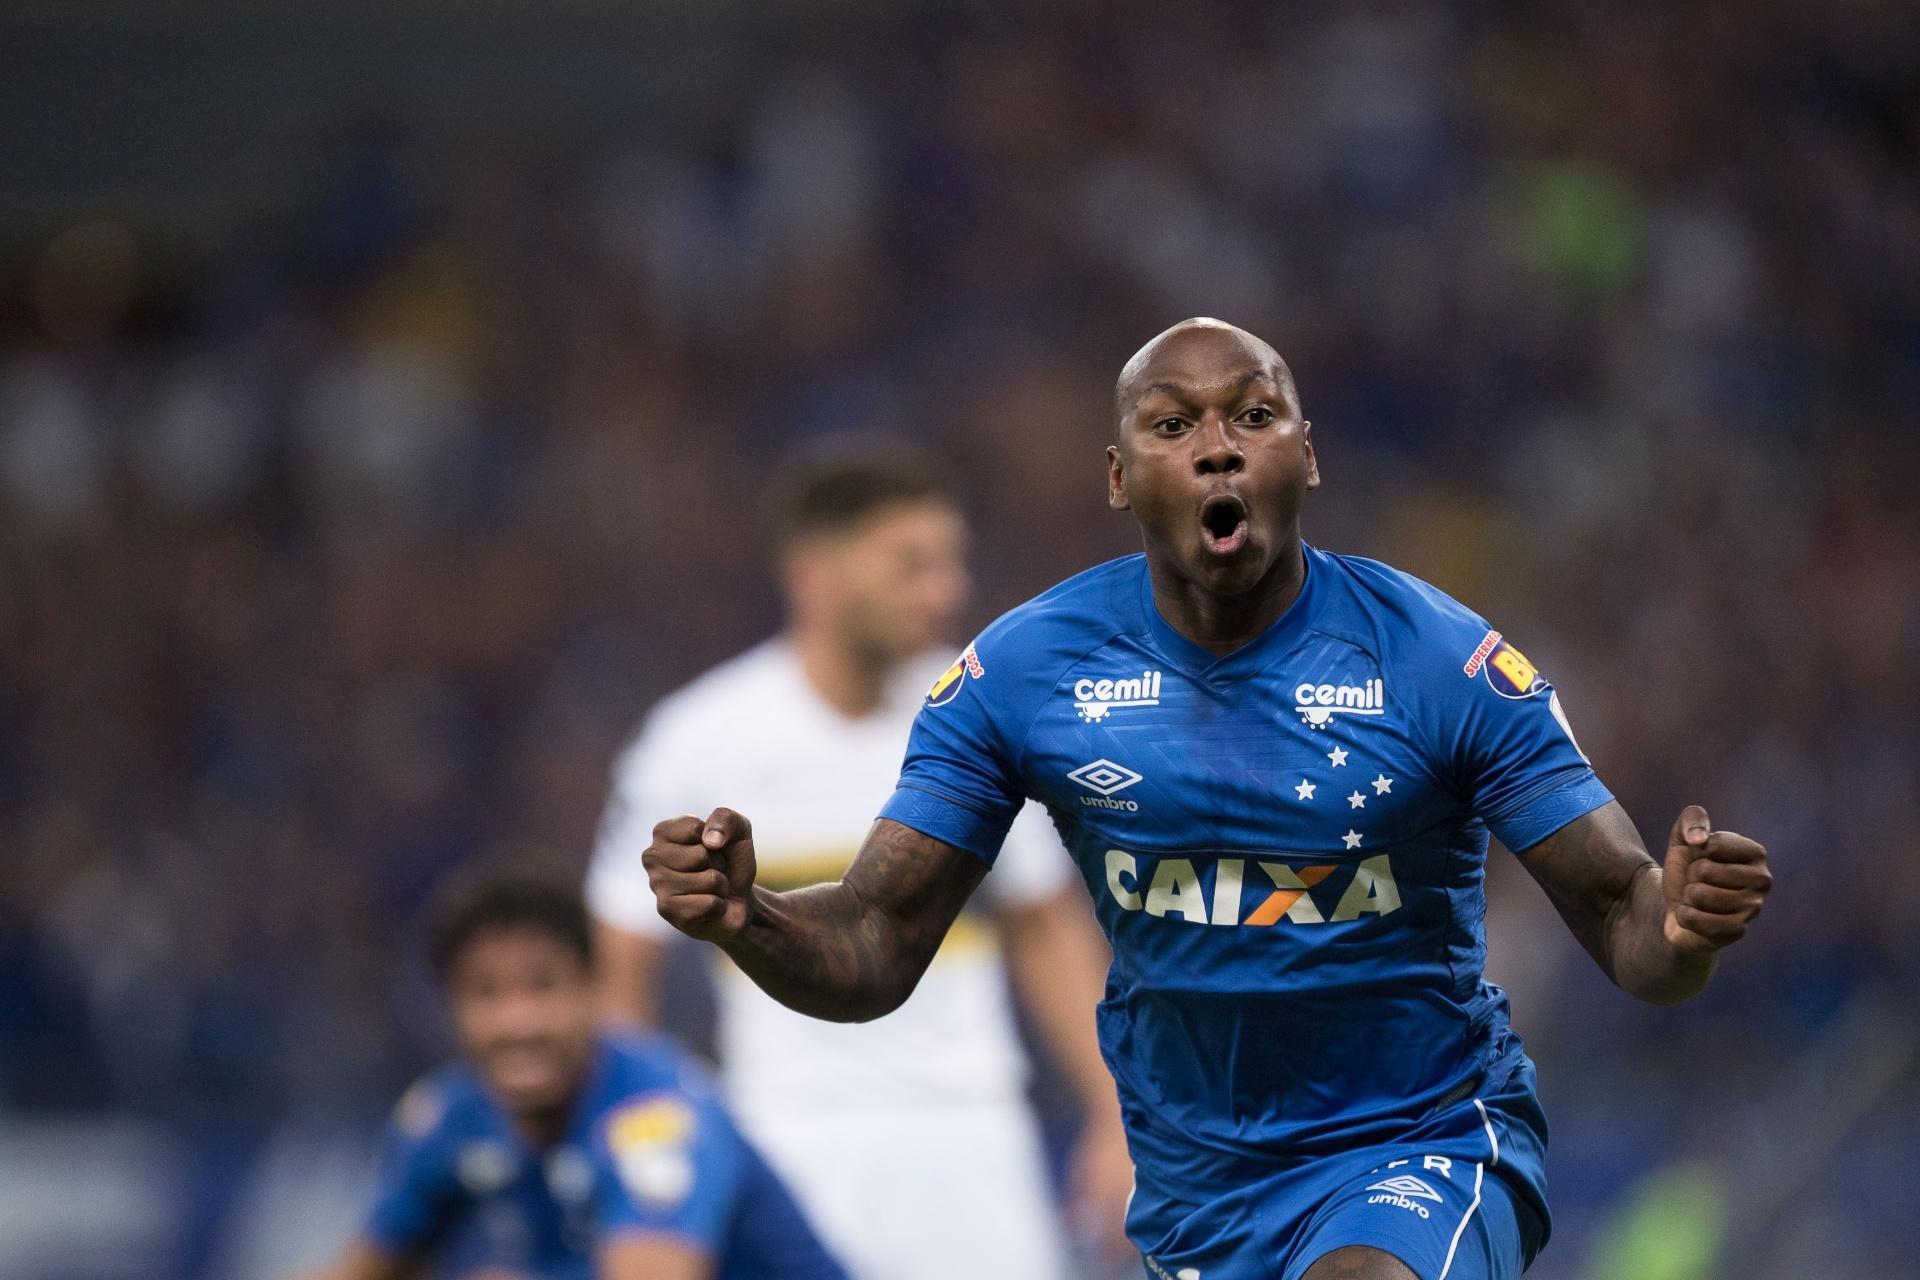 Corinthians pede provas a vice do Cruzeiro sobre Sassá  clube rebate -  13 12 2018 - UOL Esporte b52f678512d8a